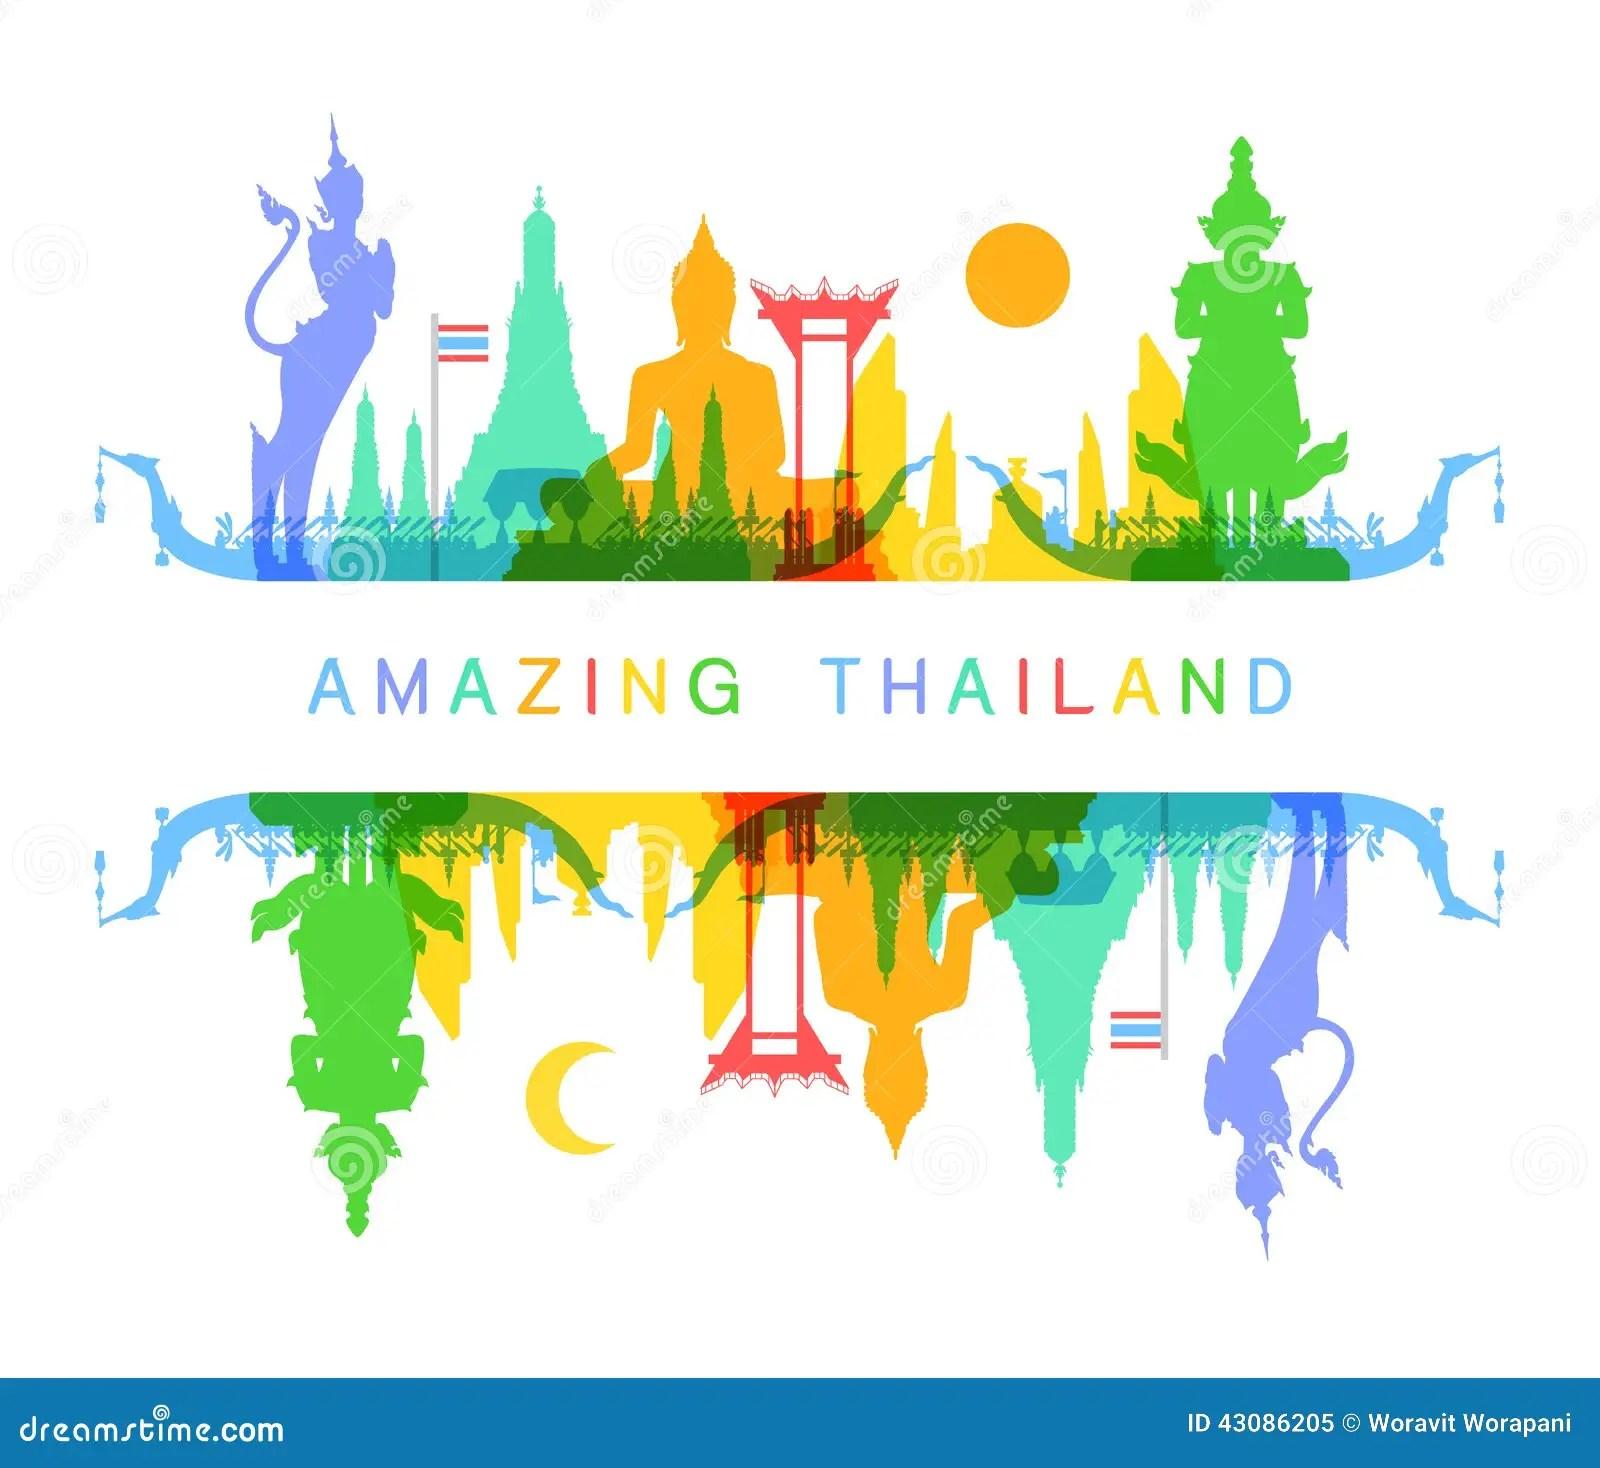 Ravan 3d Wallpaper Amazing Thailand Stock Vector Image 43086205